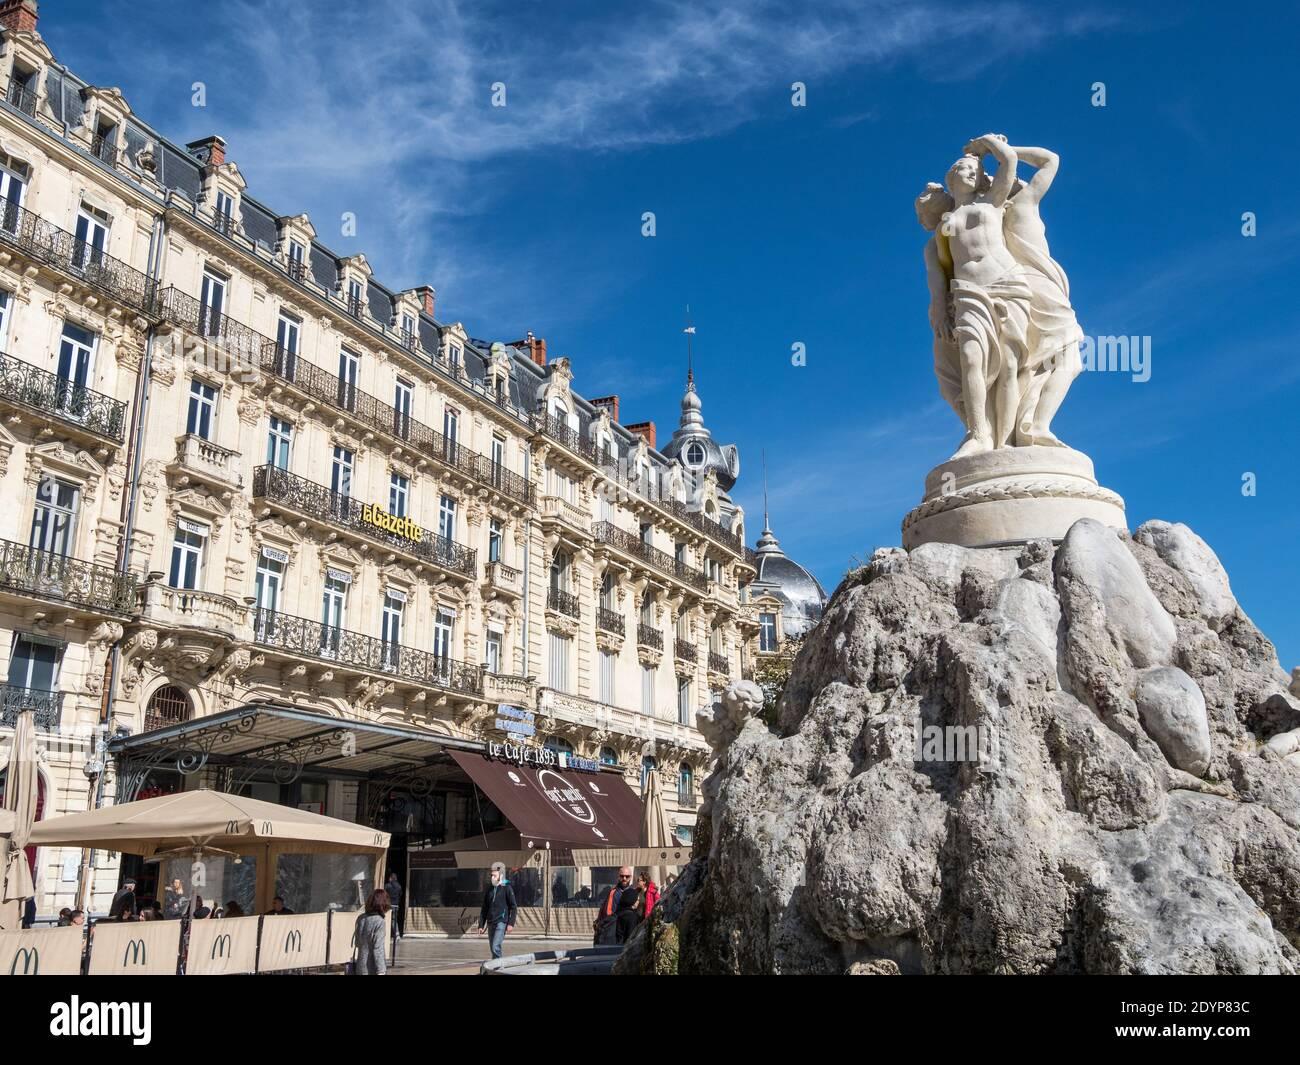 Montpellier es una ciudad en la región de Occitanie, en el sur de Francia, cerca del mar Mediterráneo. Foto de stock